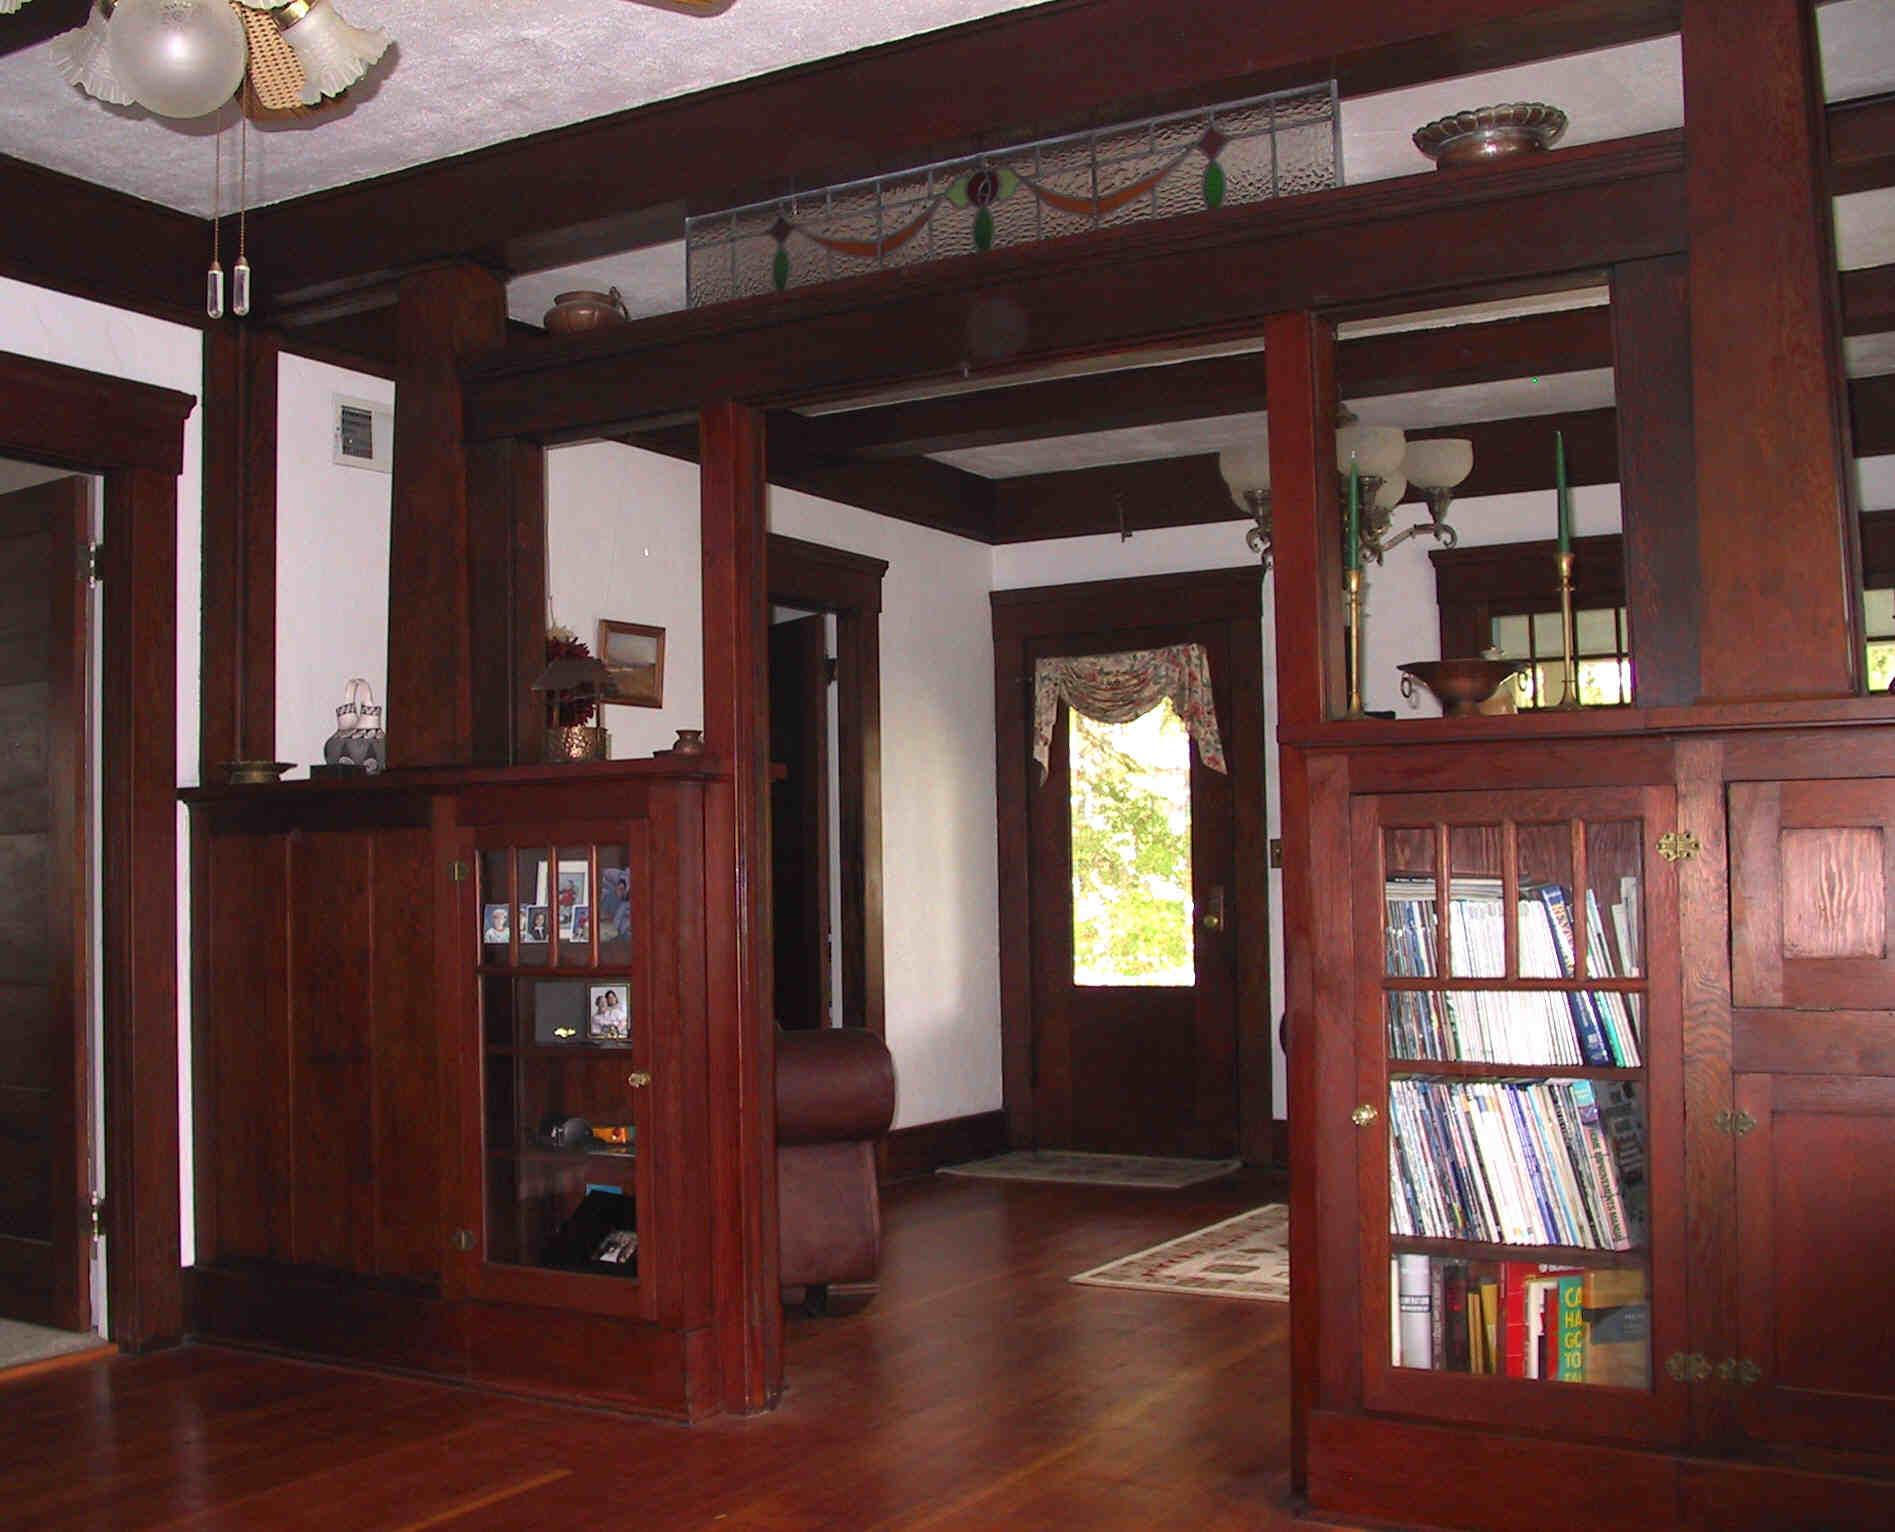 craftsman-style-home-interiors-modern-design-on-interior-galleries